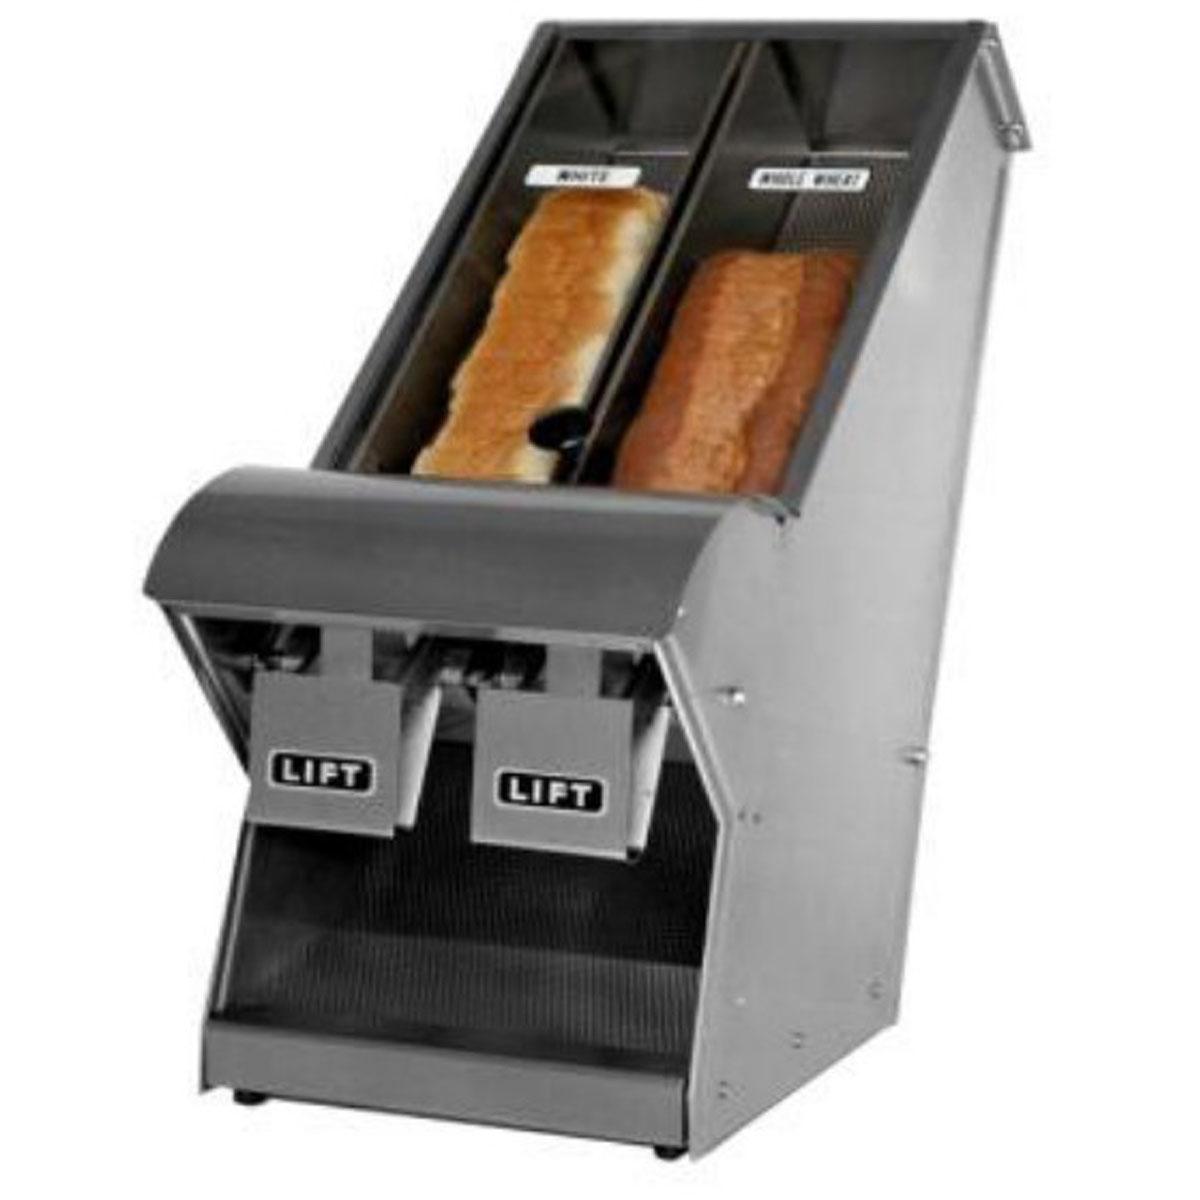 Serv-A-Slice-Bread-Dispenser Product Image 1100